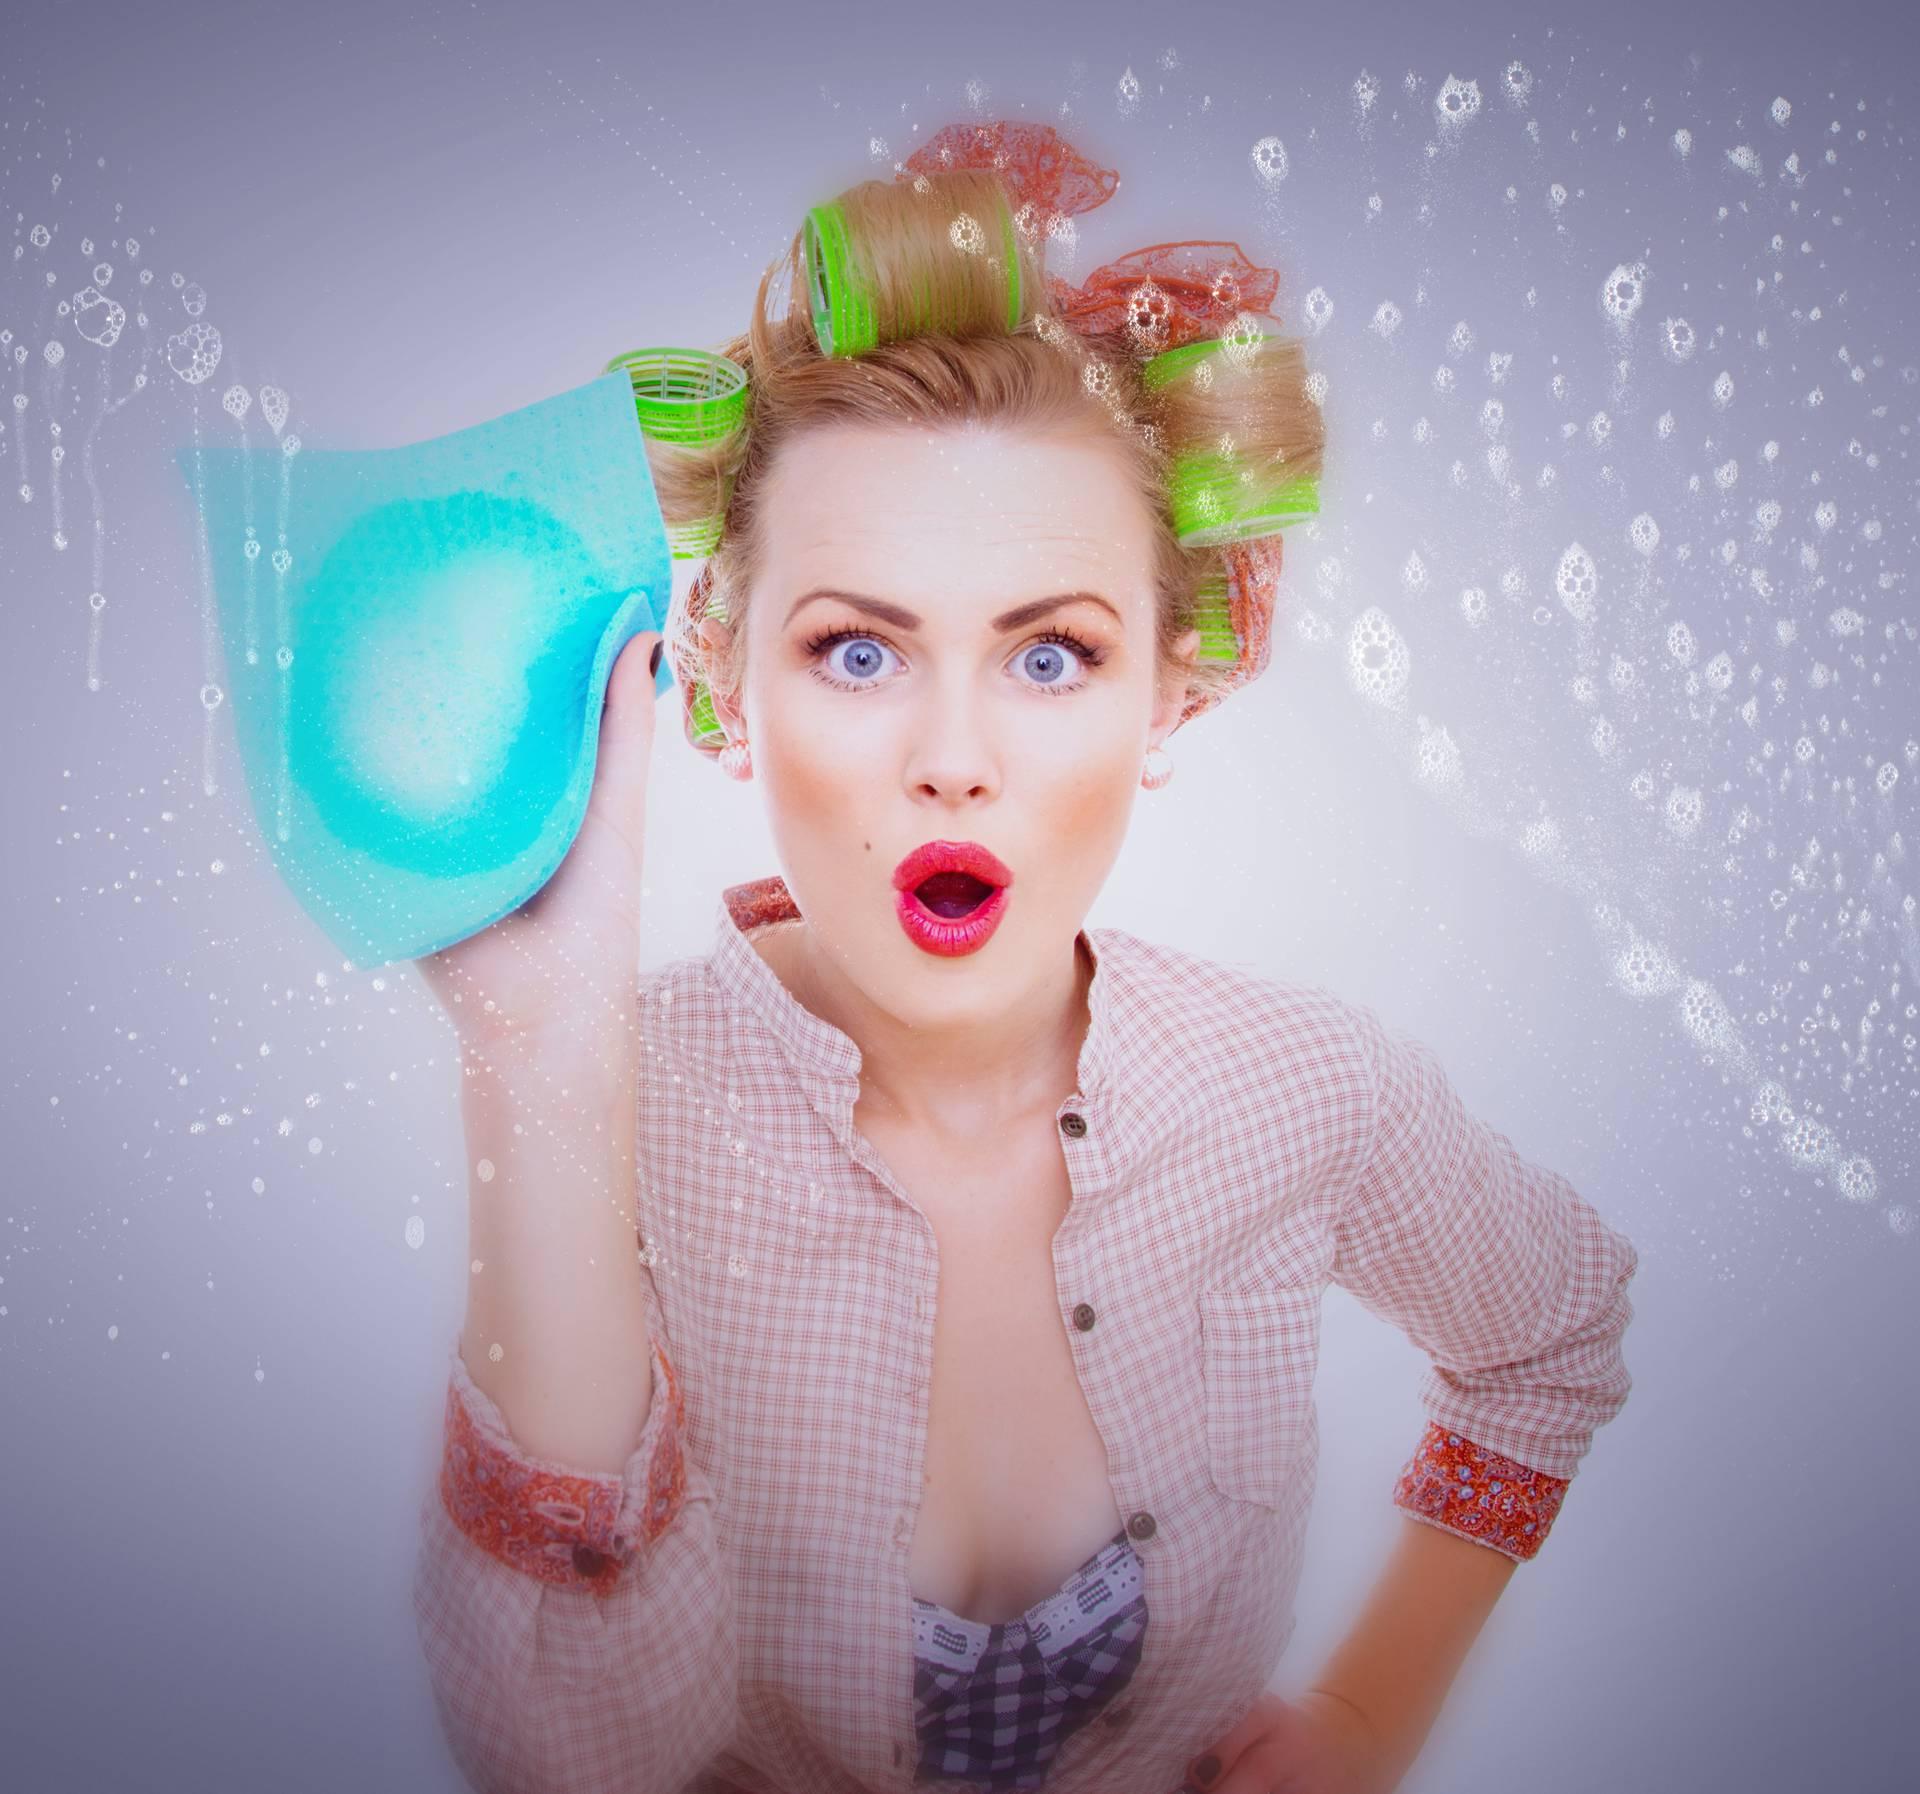 10 genijalnih načina da čistite manje, a jednako je efikasno